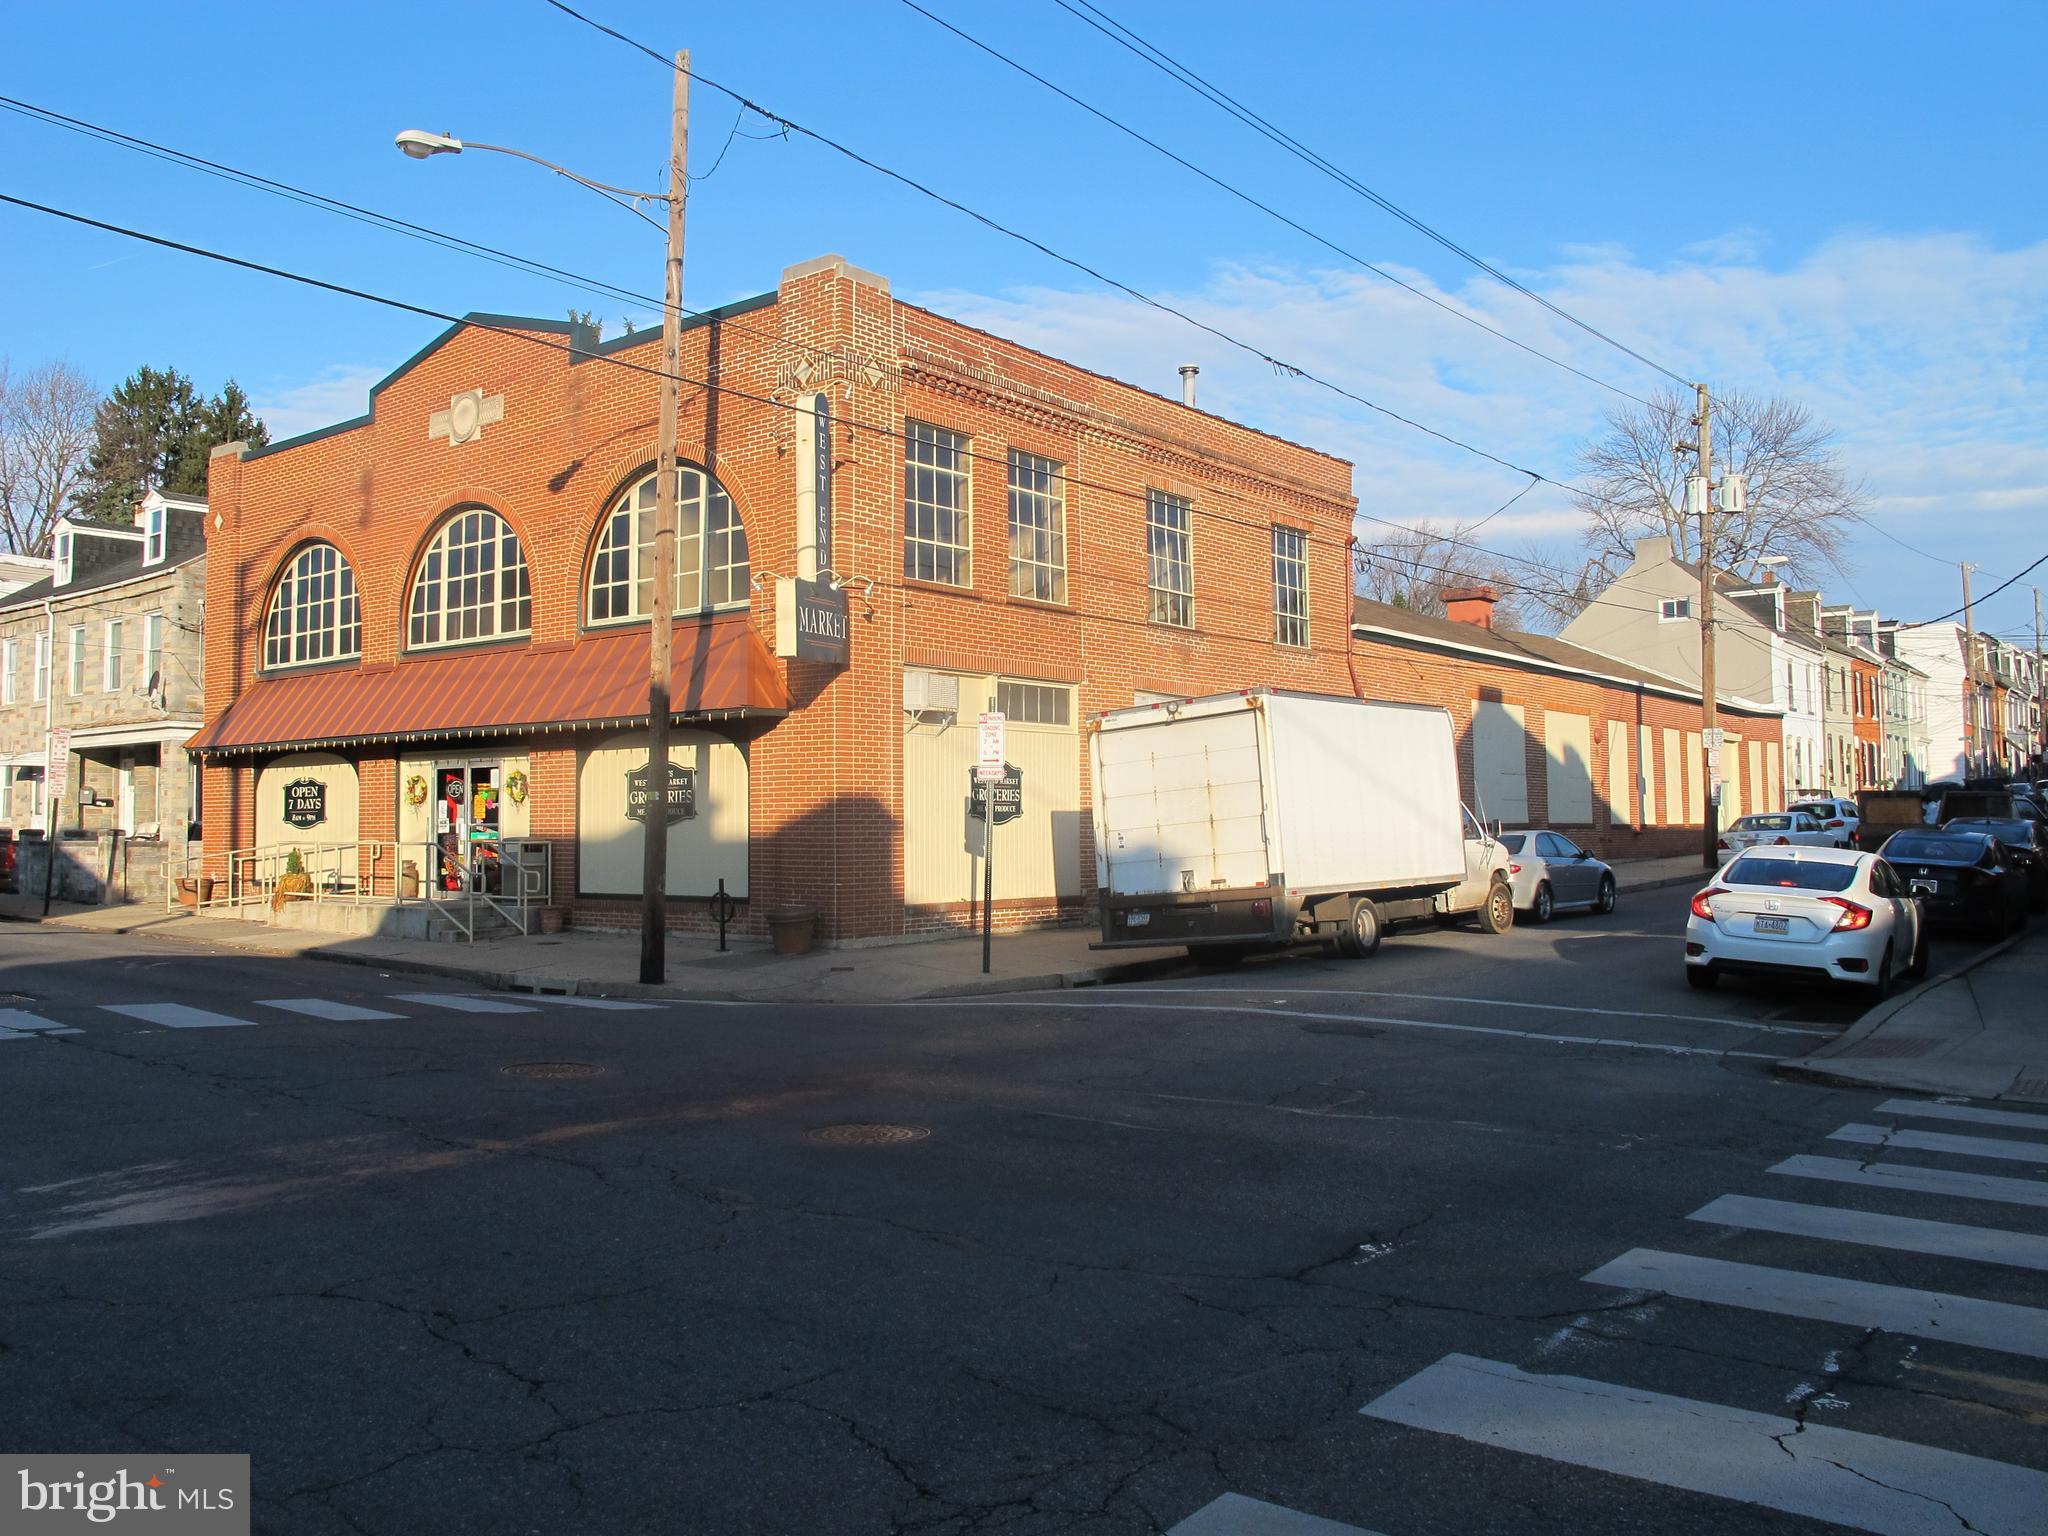 501 W LEMON STREET, LANCASTER, PA 17603